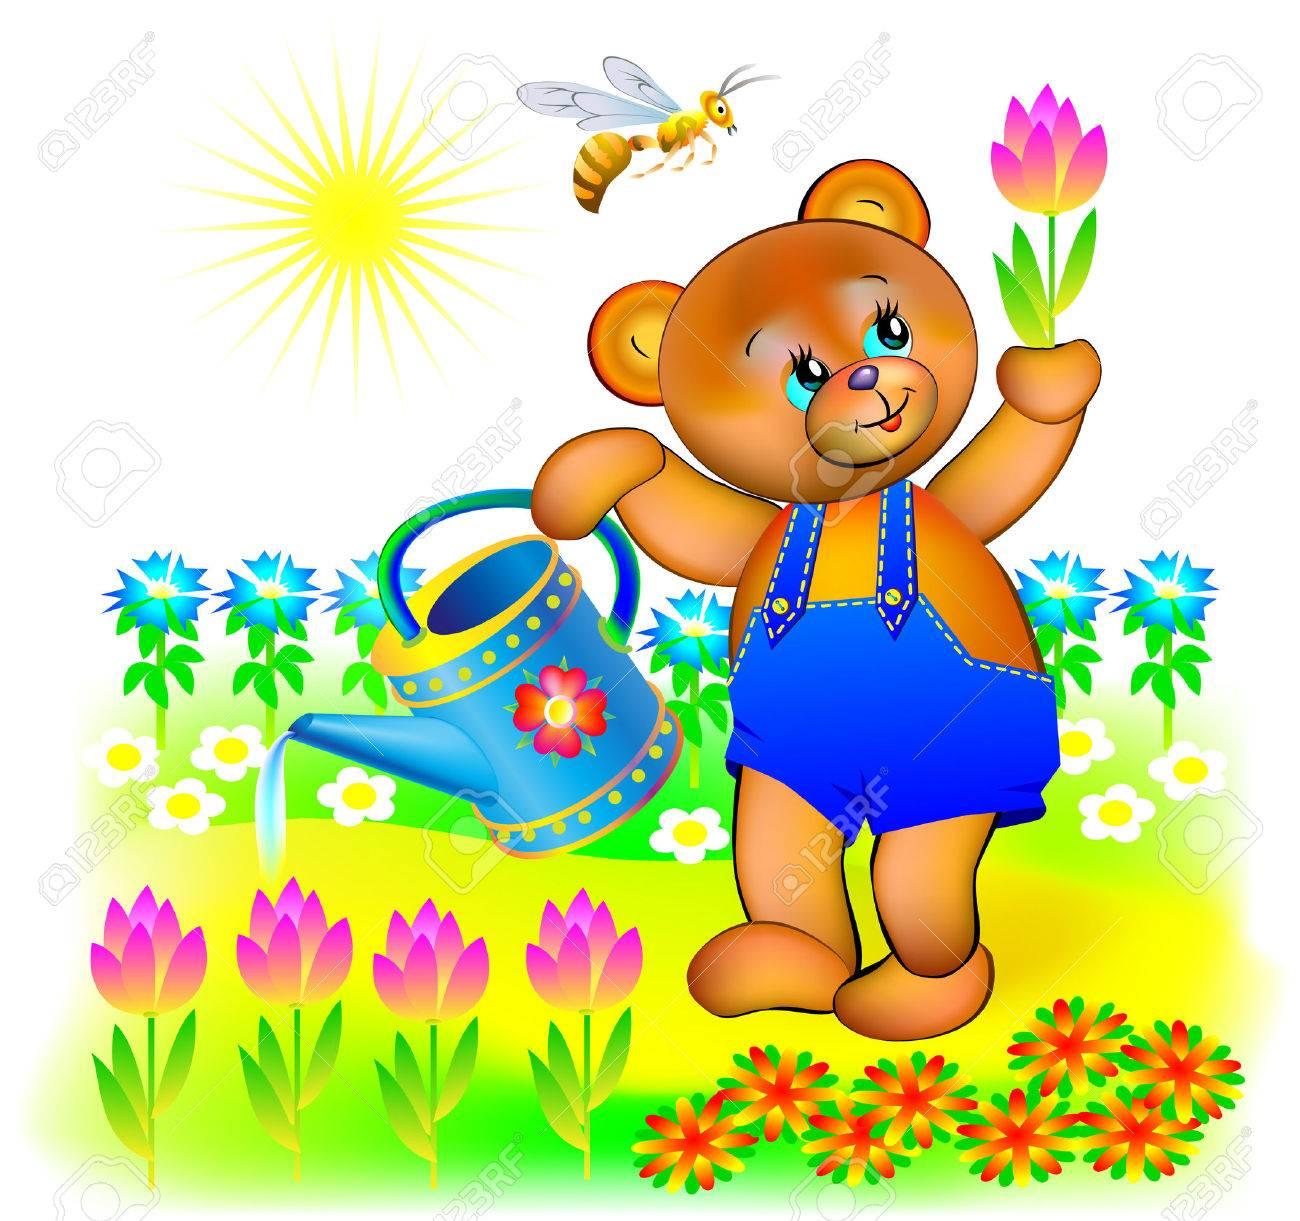 Ilustracion Del Pequeno Oso De Riego De Flores De Primavera La